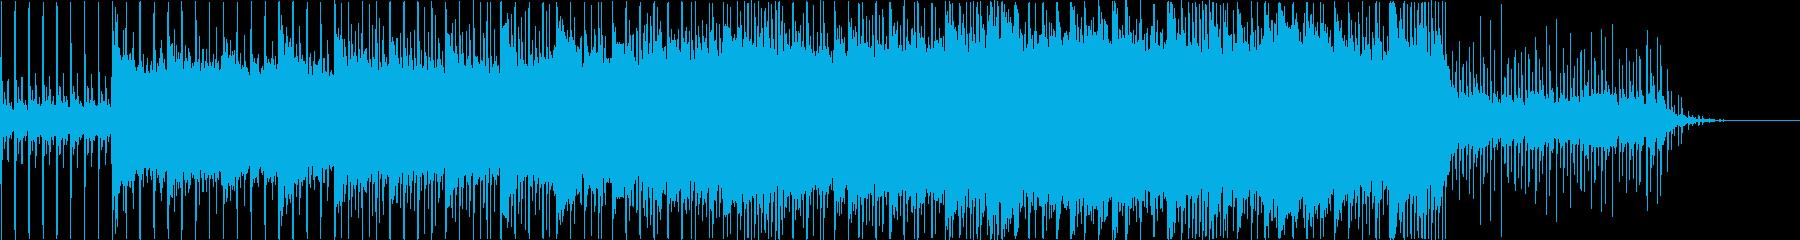 おしゃれ4の再生済みの波形